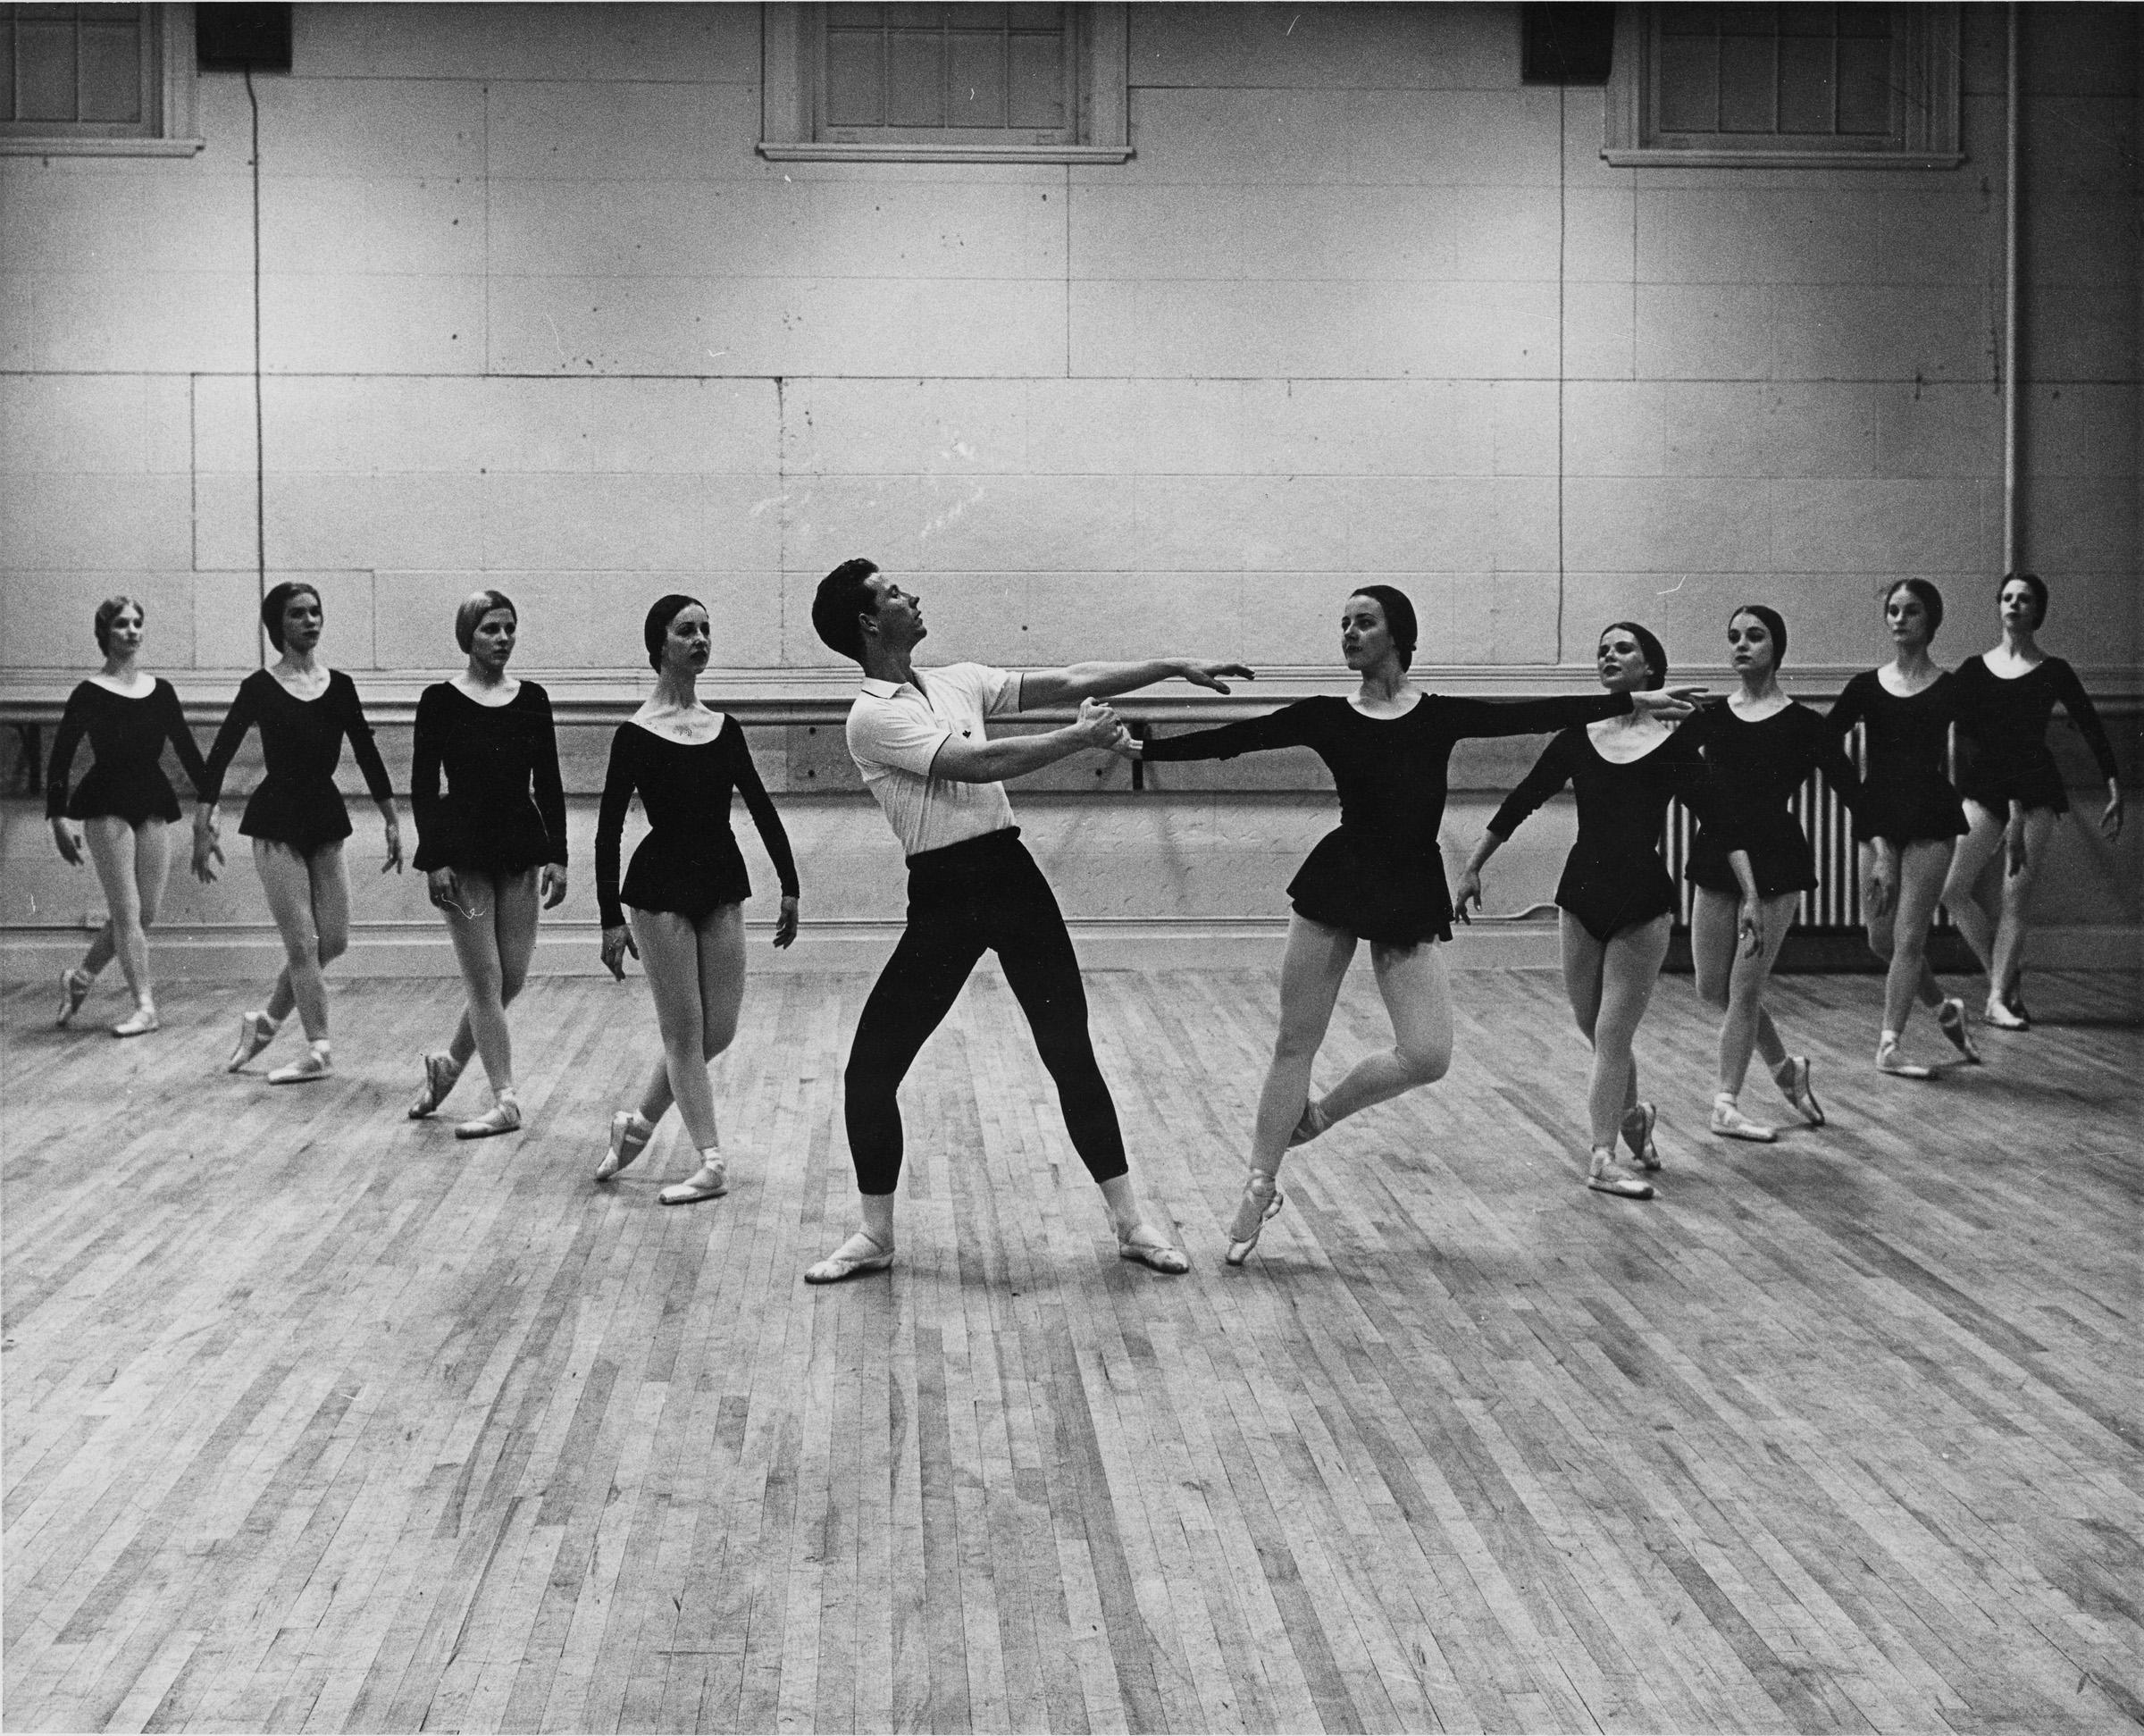 A-C Concerto Borocco recital, Ballet West